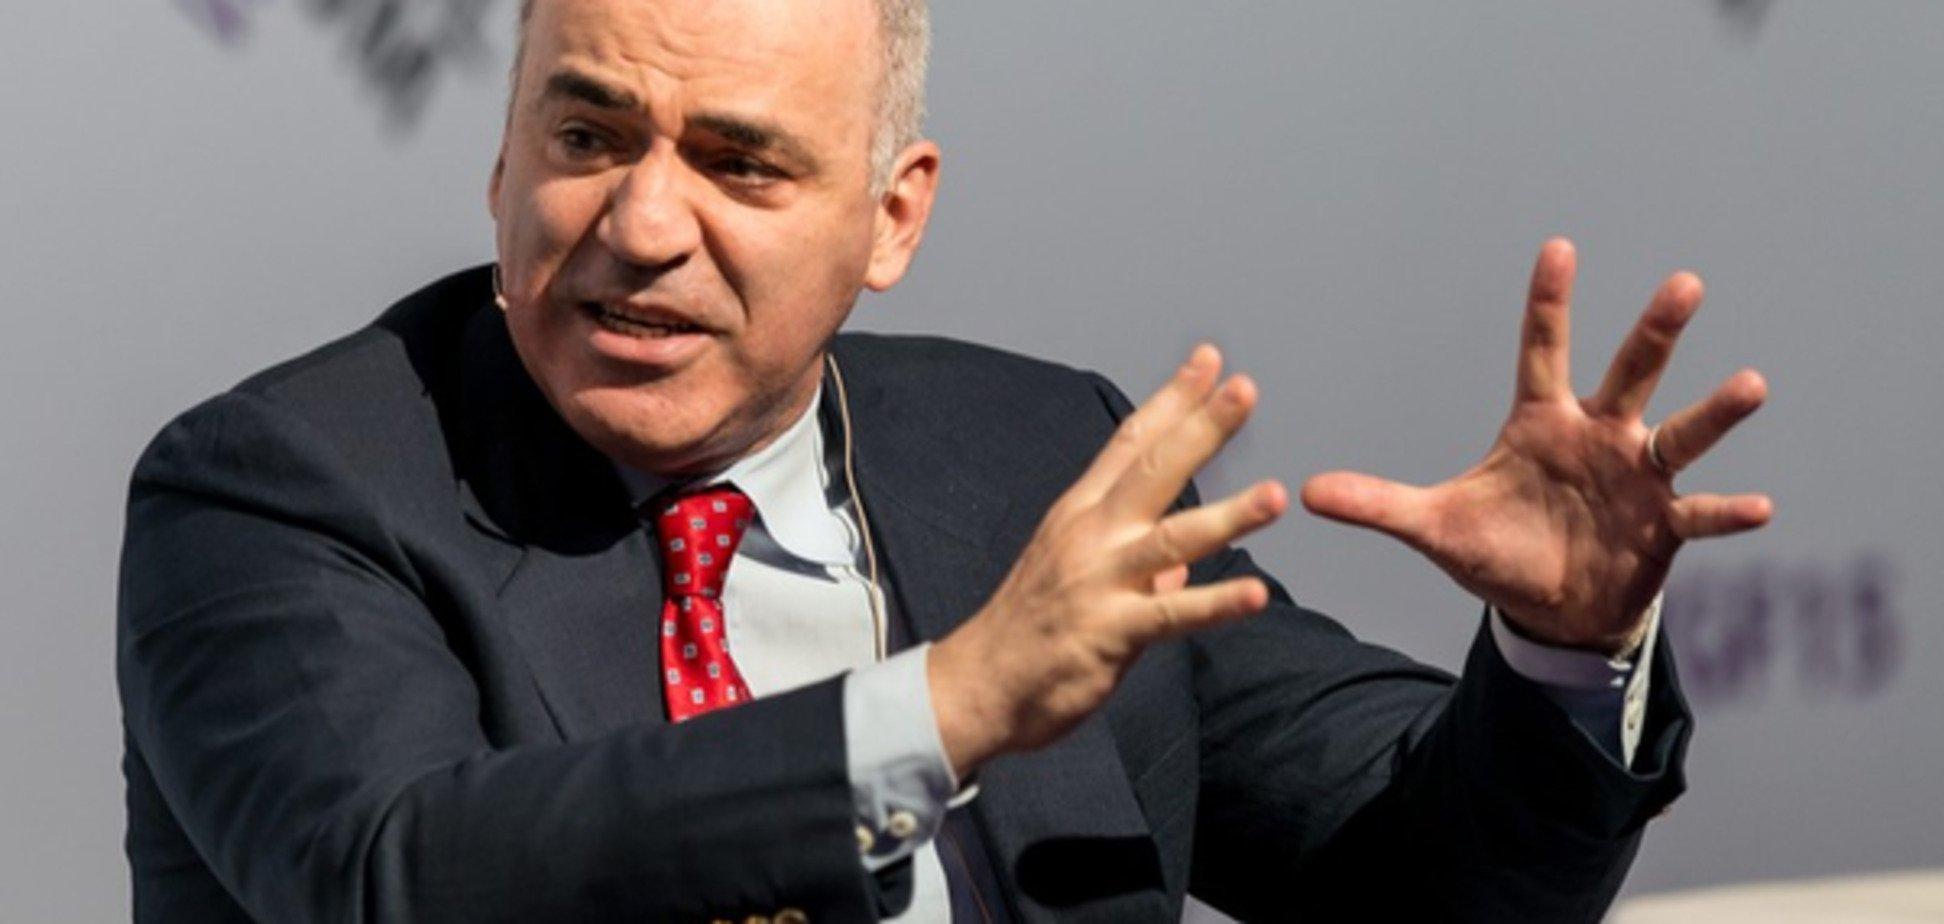 Гарри Каспаров: 'Колоссальные проблемы Европы могут стать неразрешимыми'